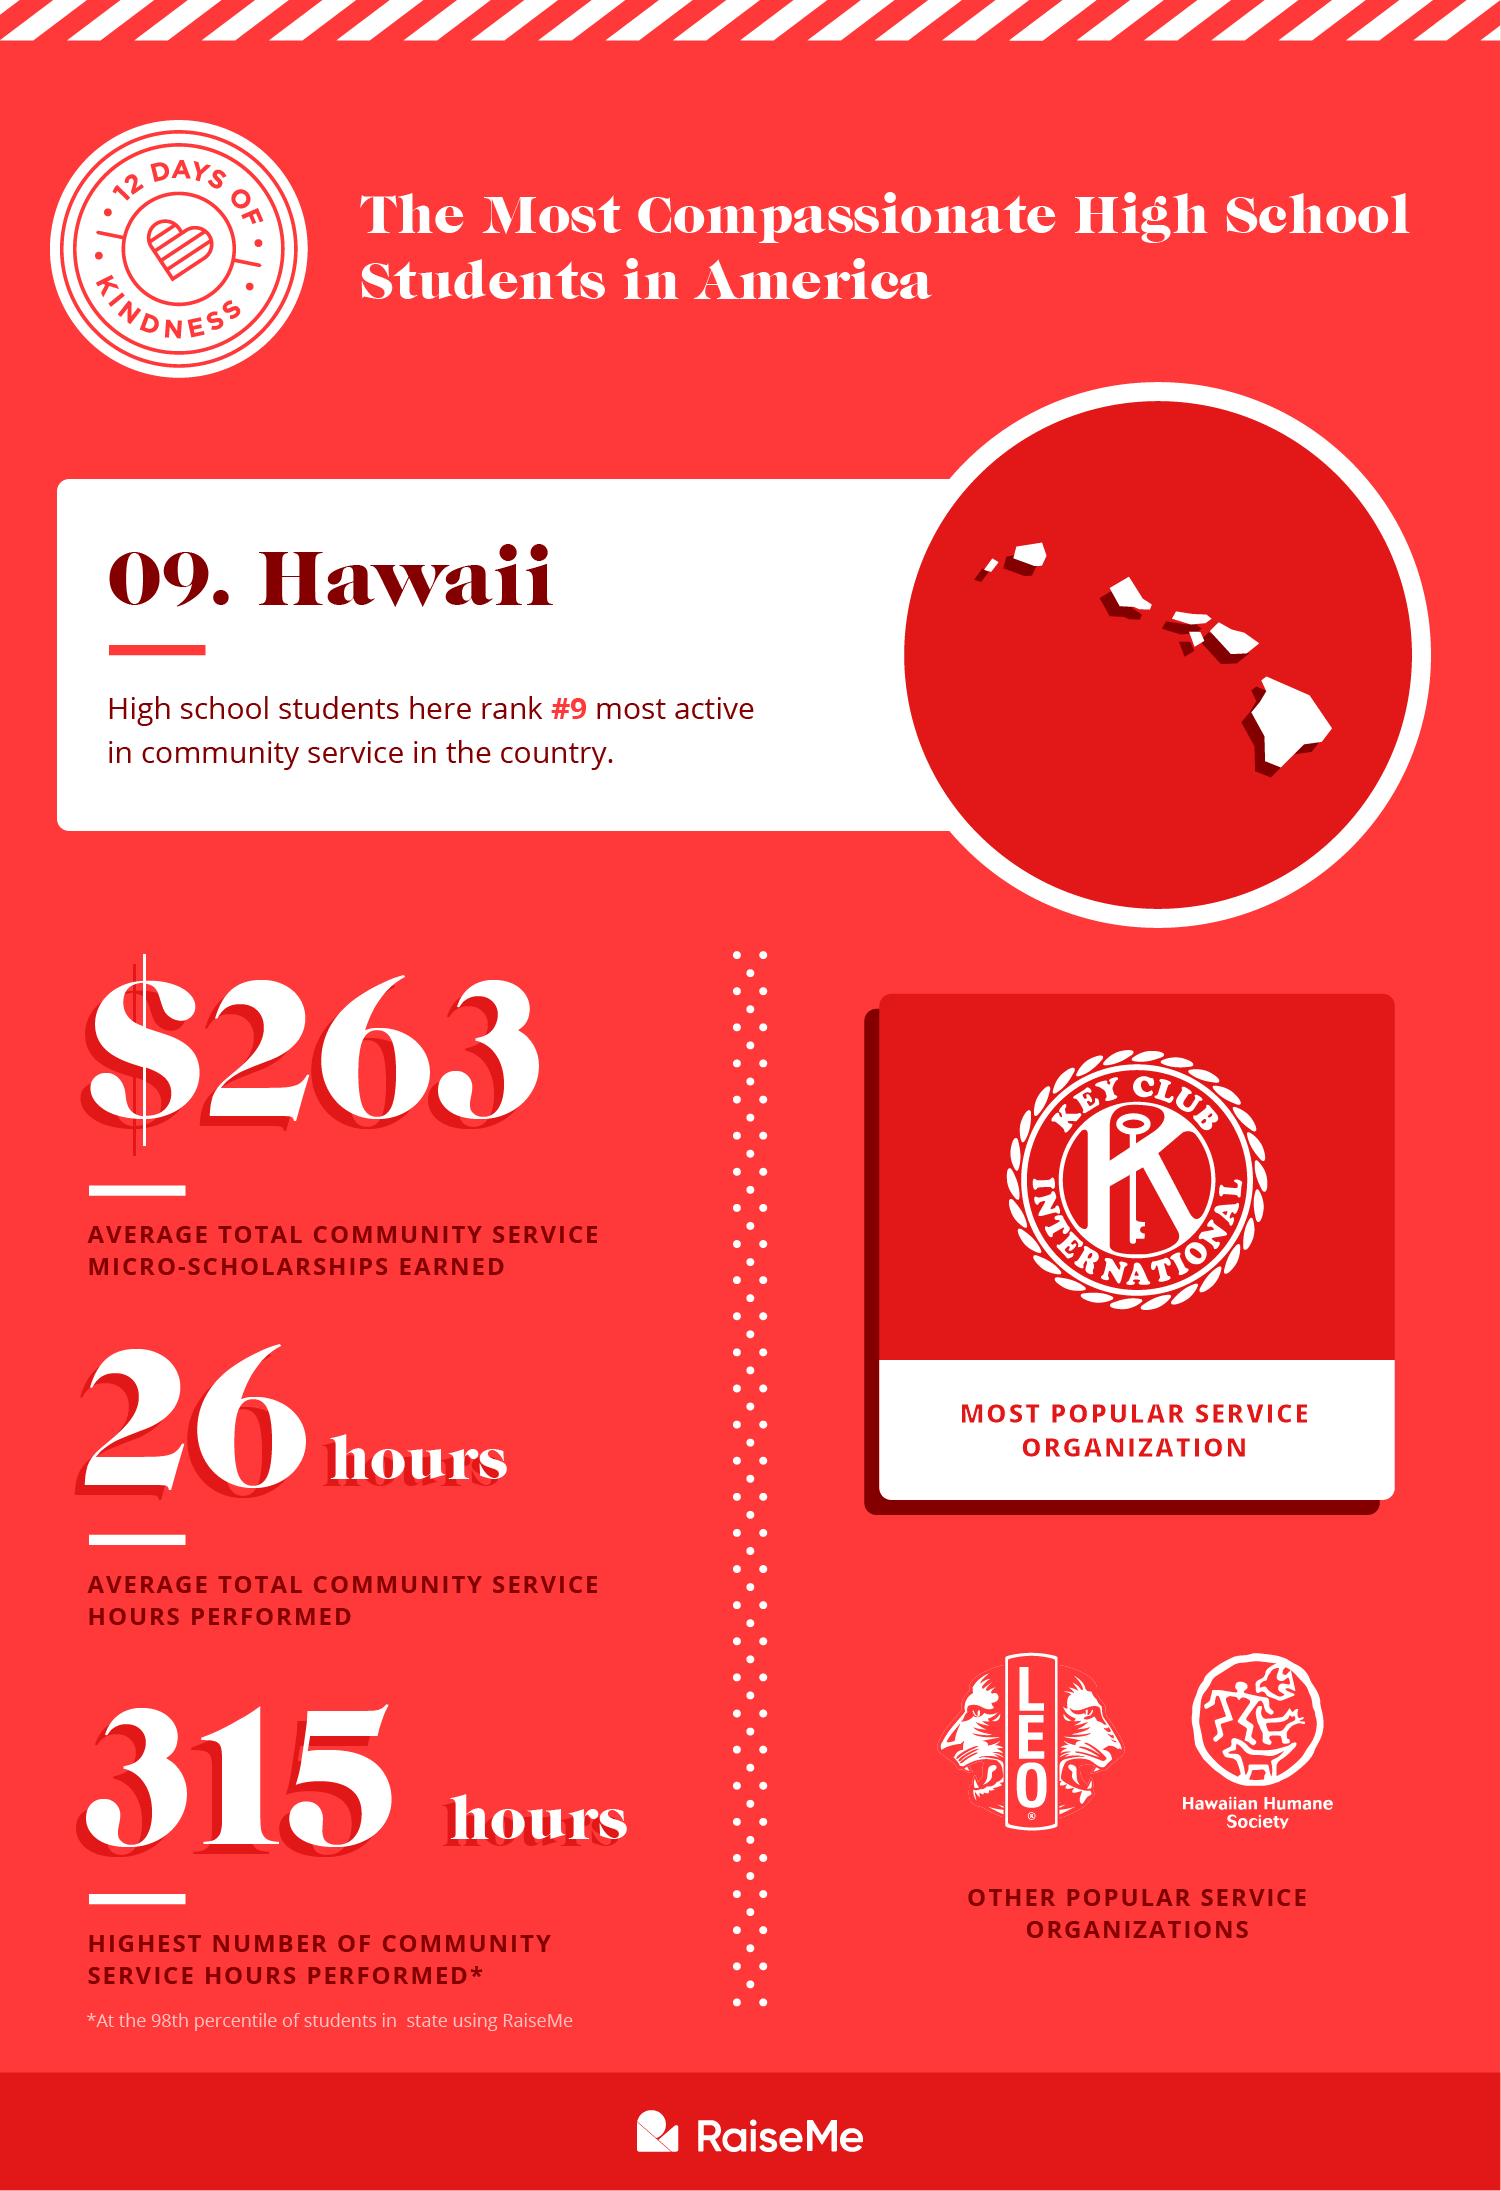 #9 Hawaii